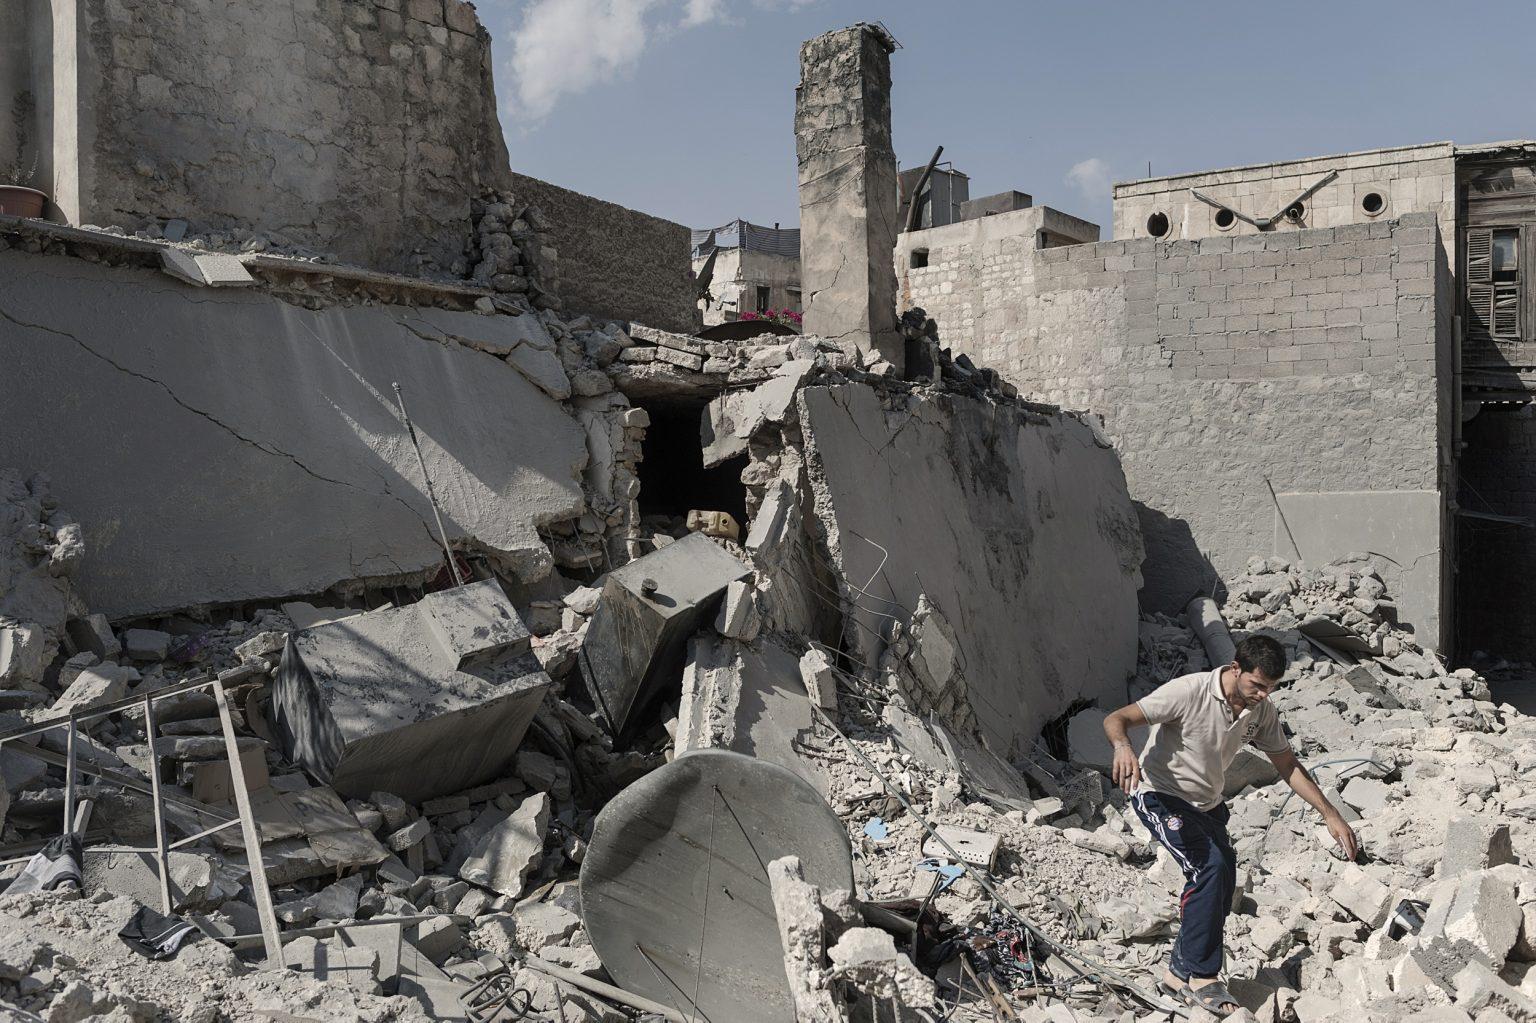 Aleppo, Syria September 29th 2012 - A man walks through the ruins of a bombed building ----------- Aleppo, Siria 29 settembre 2012 - Un uomo cammina tra le rovine di un edificio bombardato